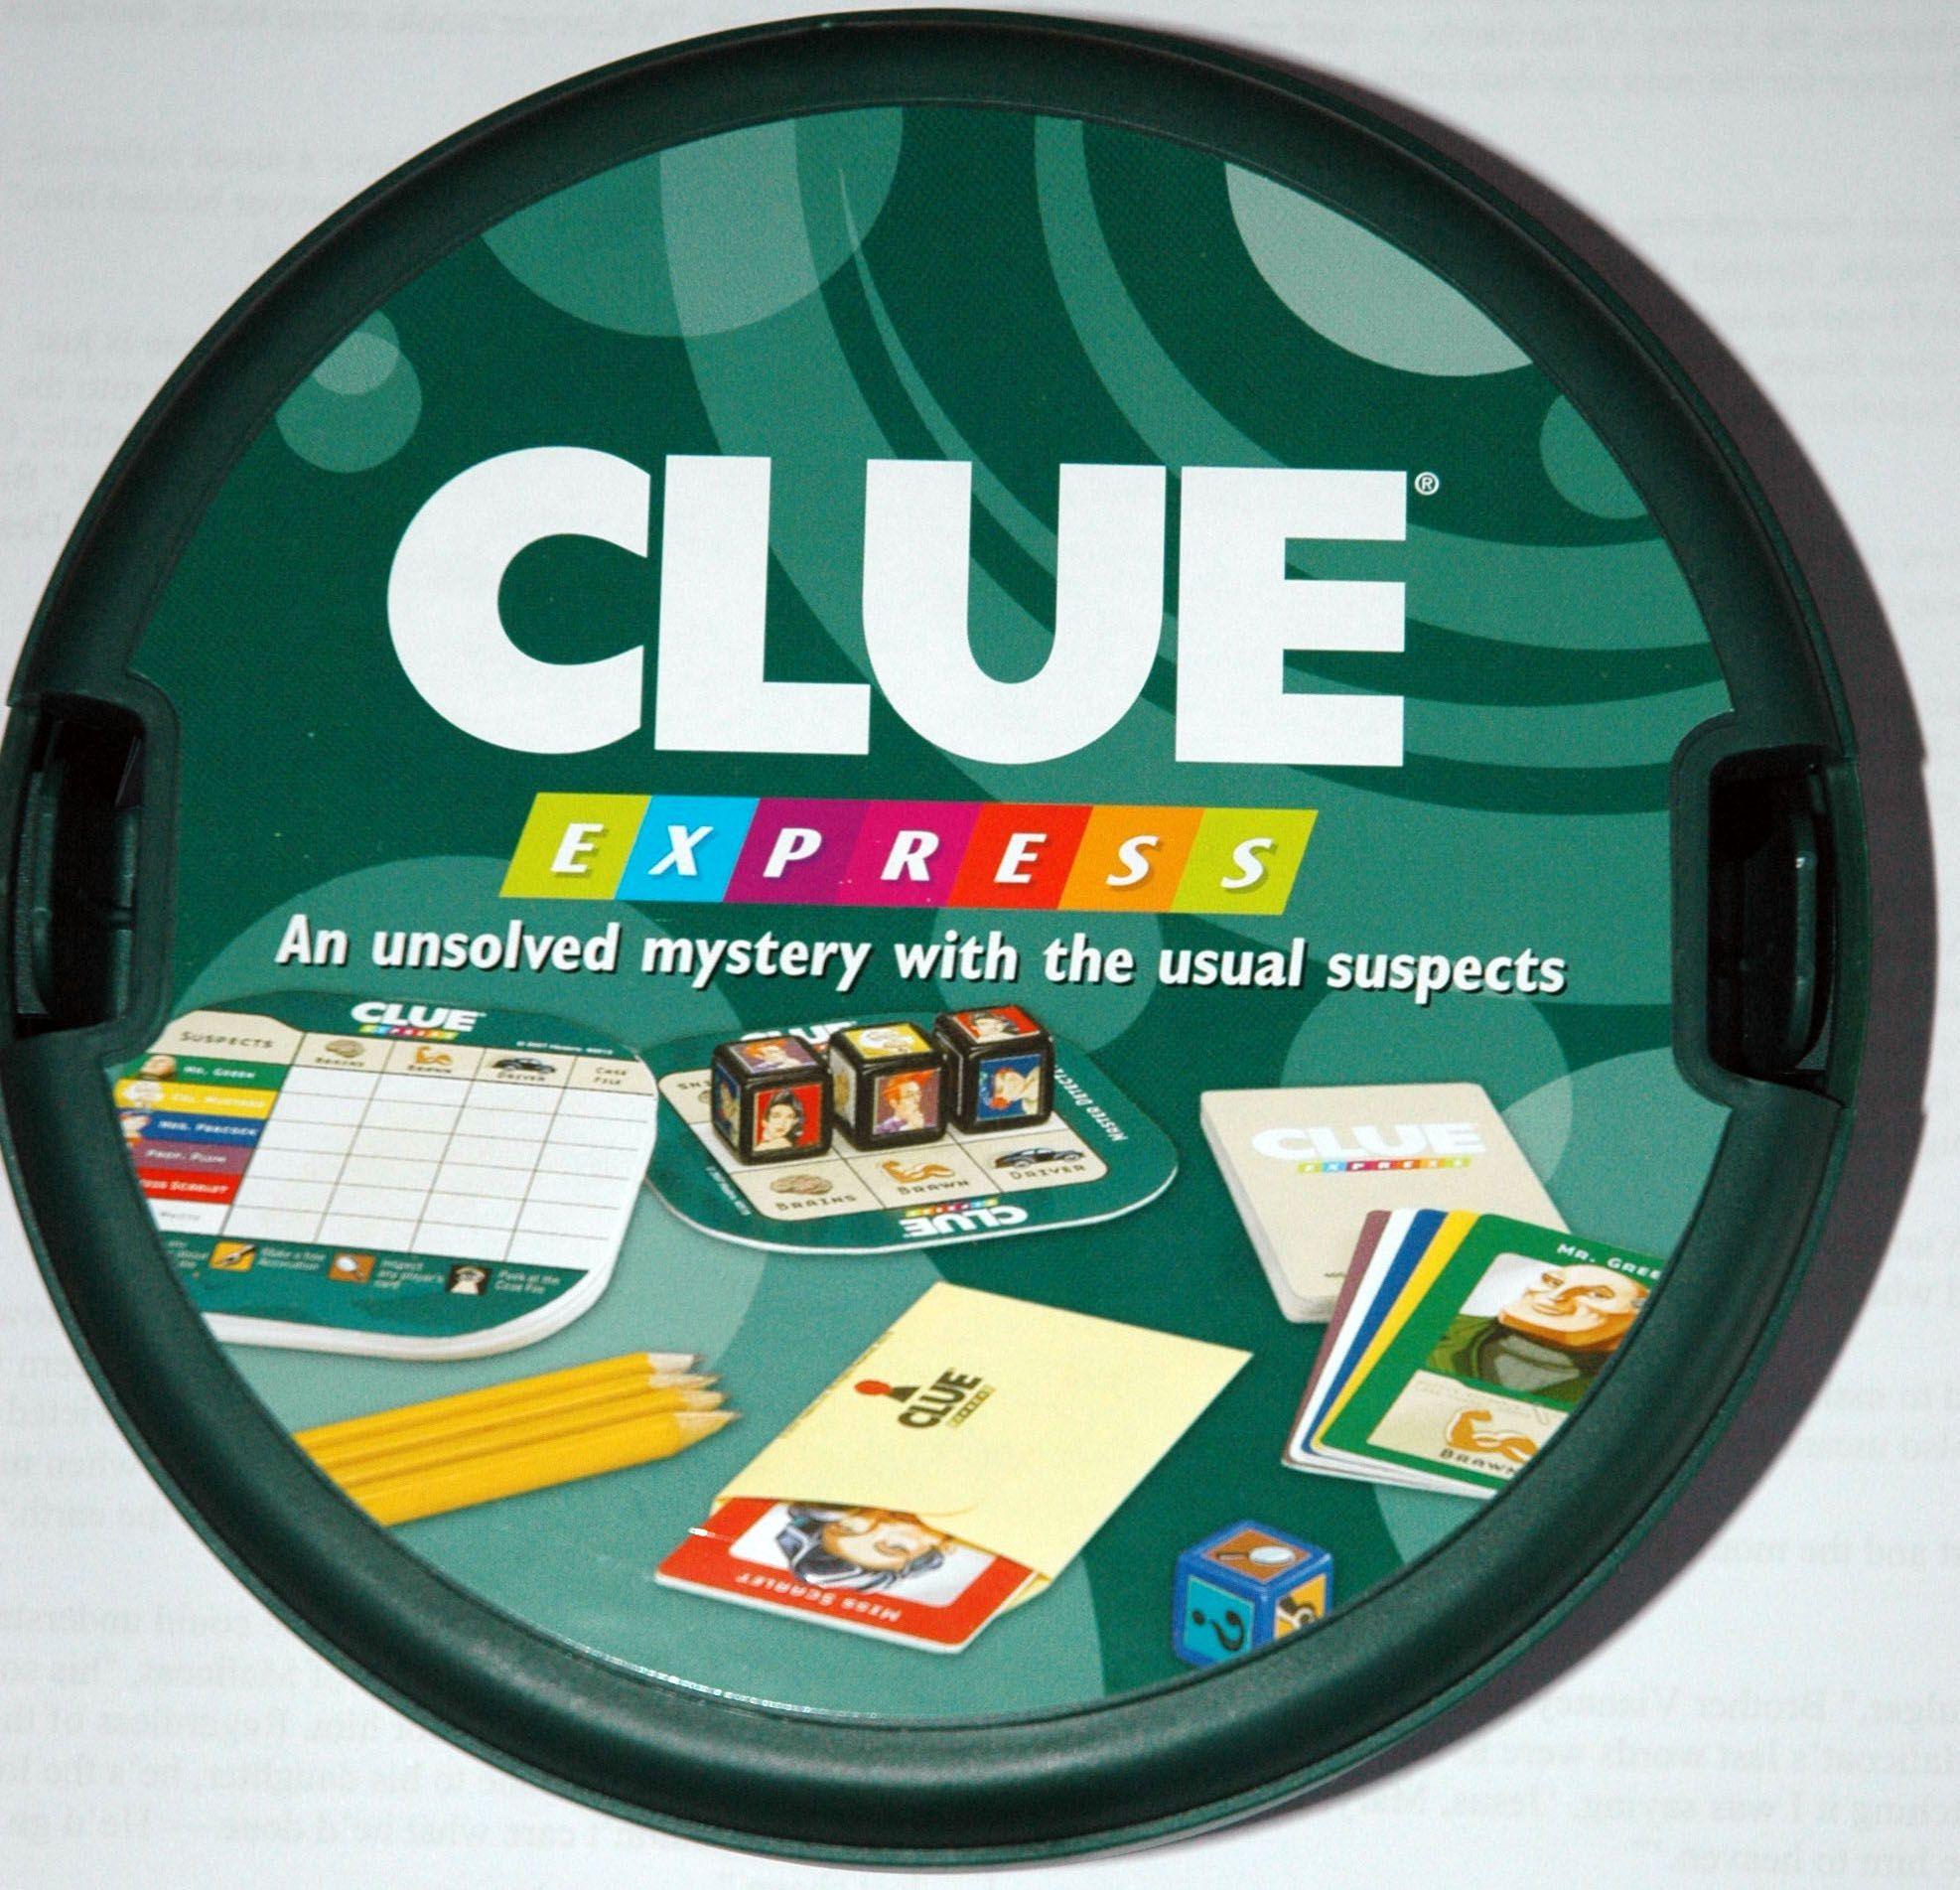 Clue Express